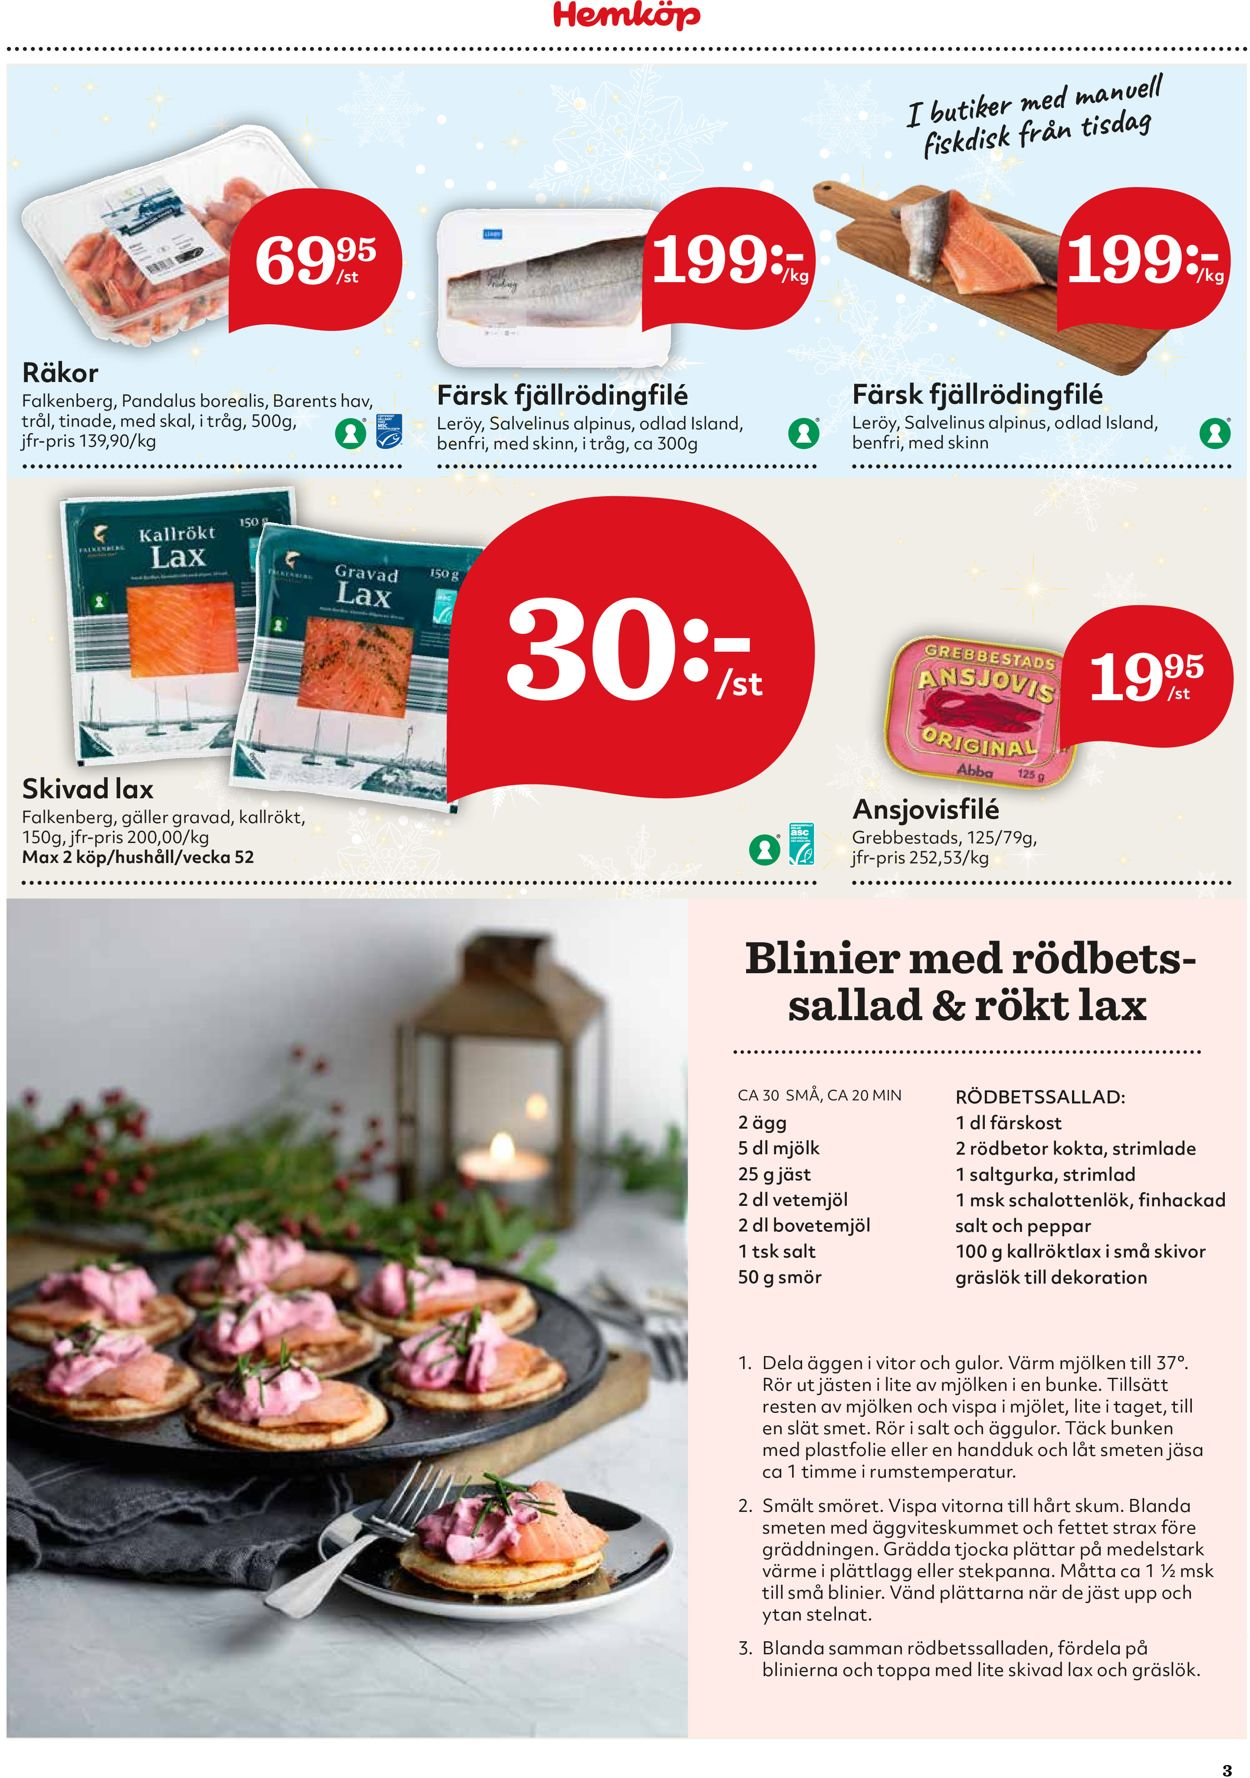 Hemköp - Julen 2020 - Reklamblad - 21/12-27/12-2020 (Sida 3)